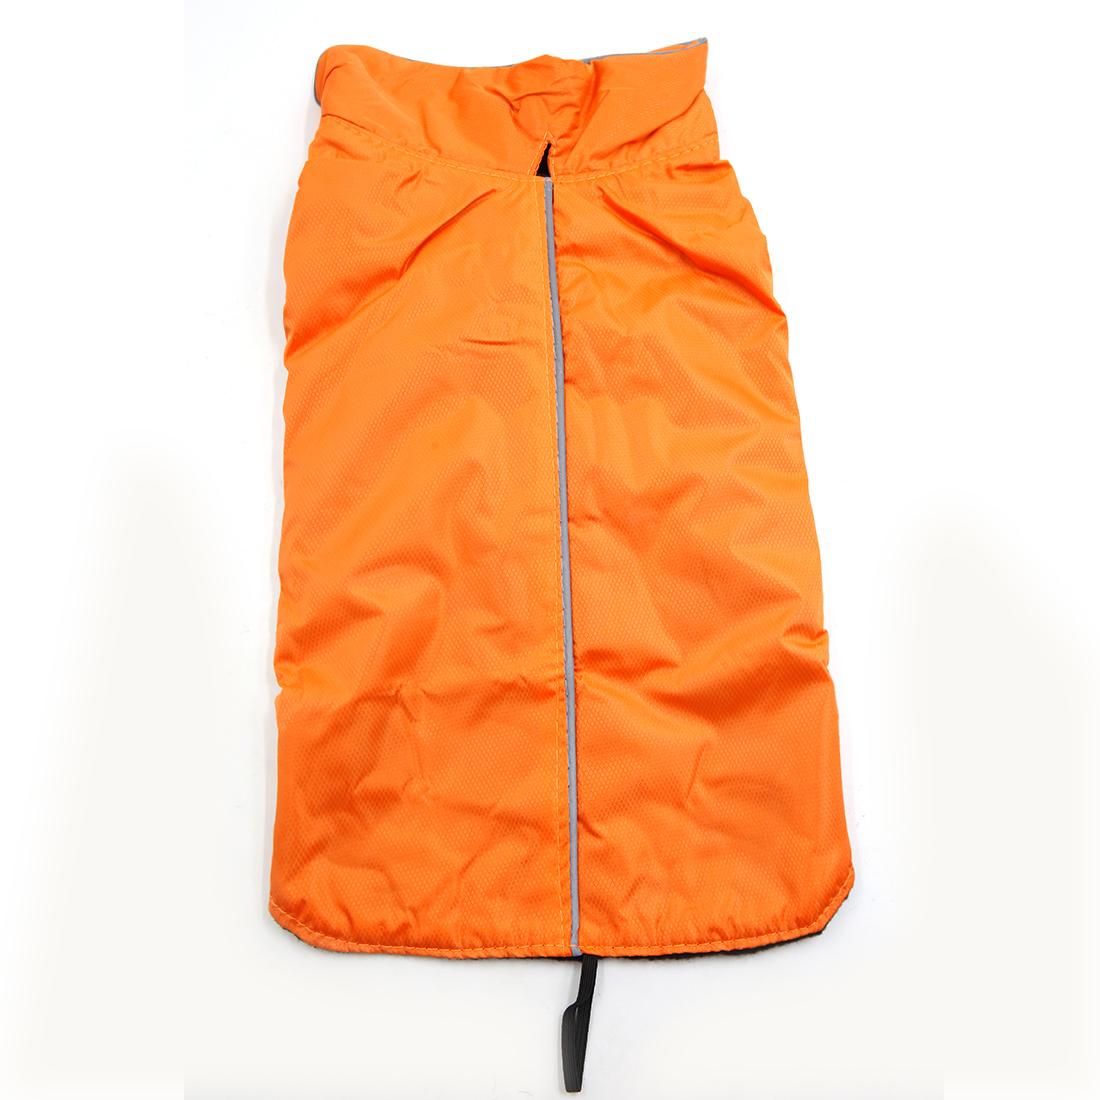 Reflective Vest Jacket Clothes Soft Warm Fleece Lining Dog Coat Clothing Orange M